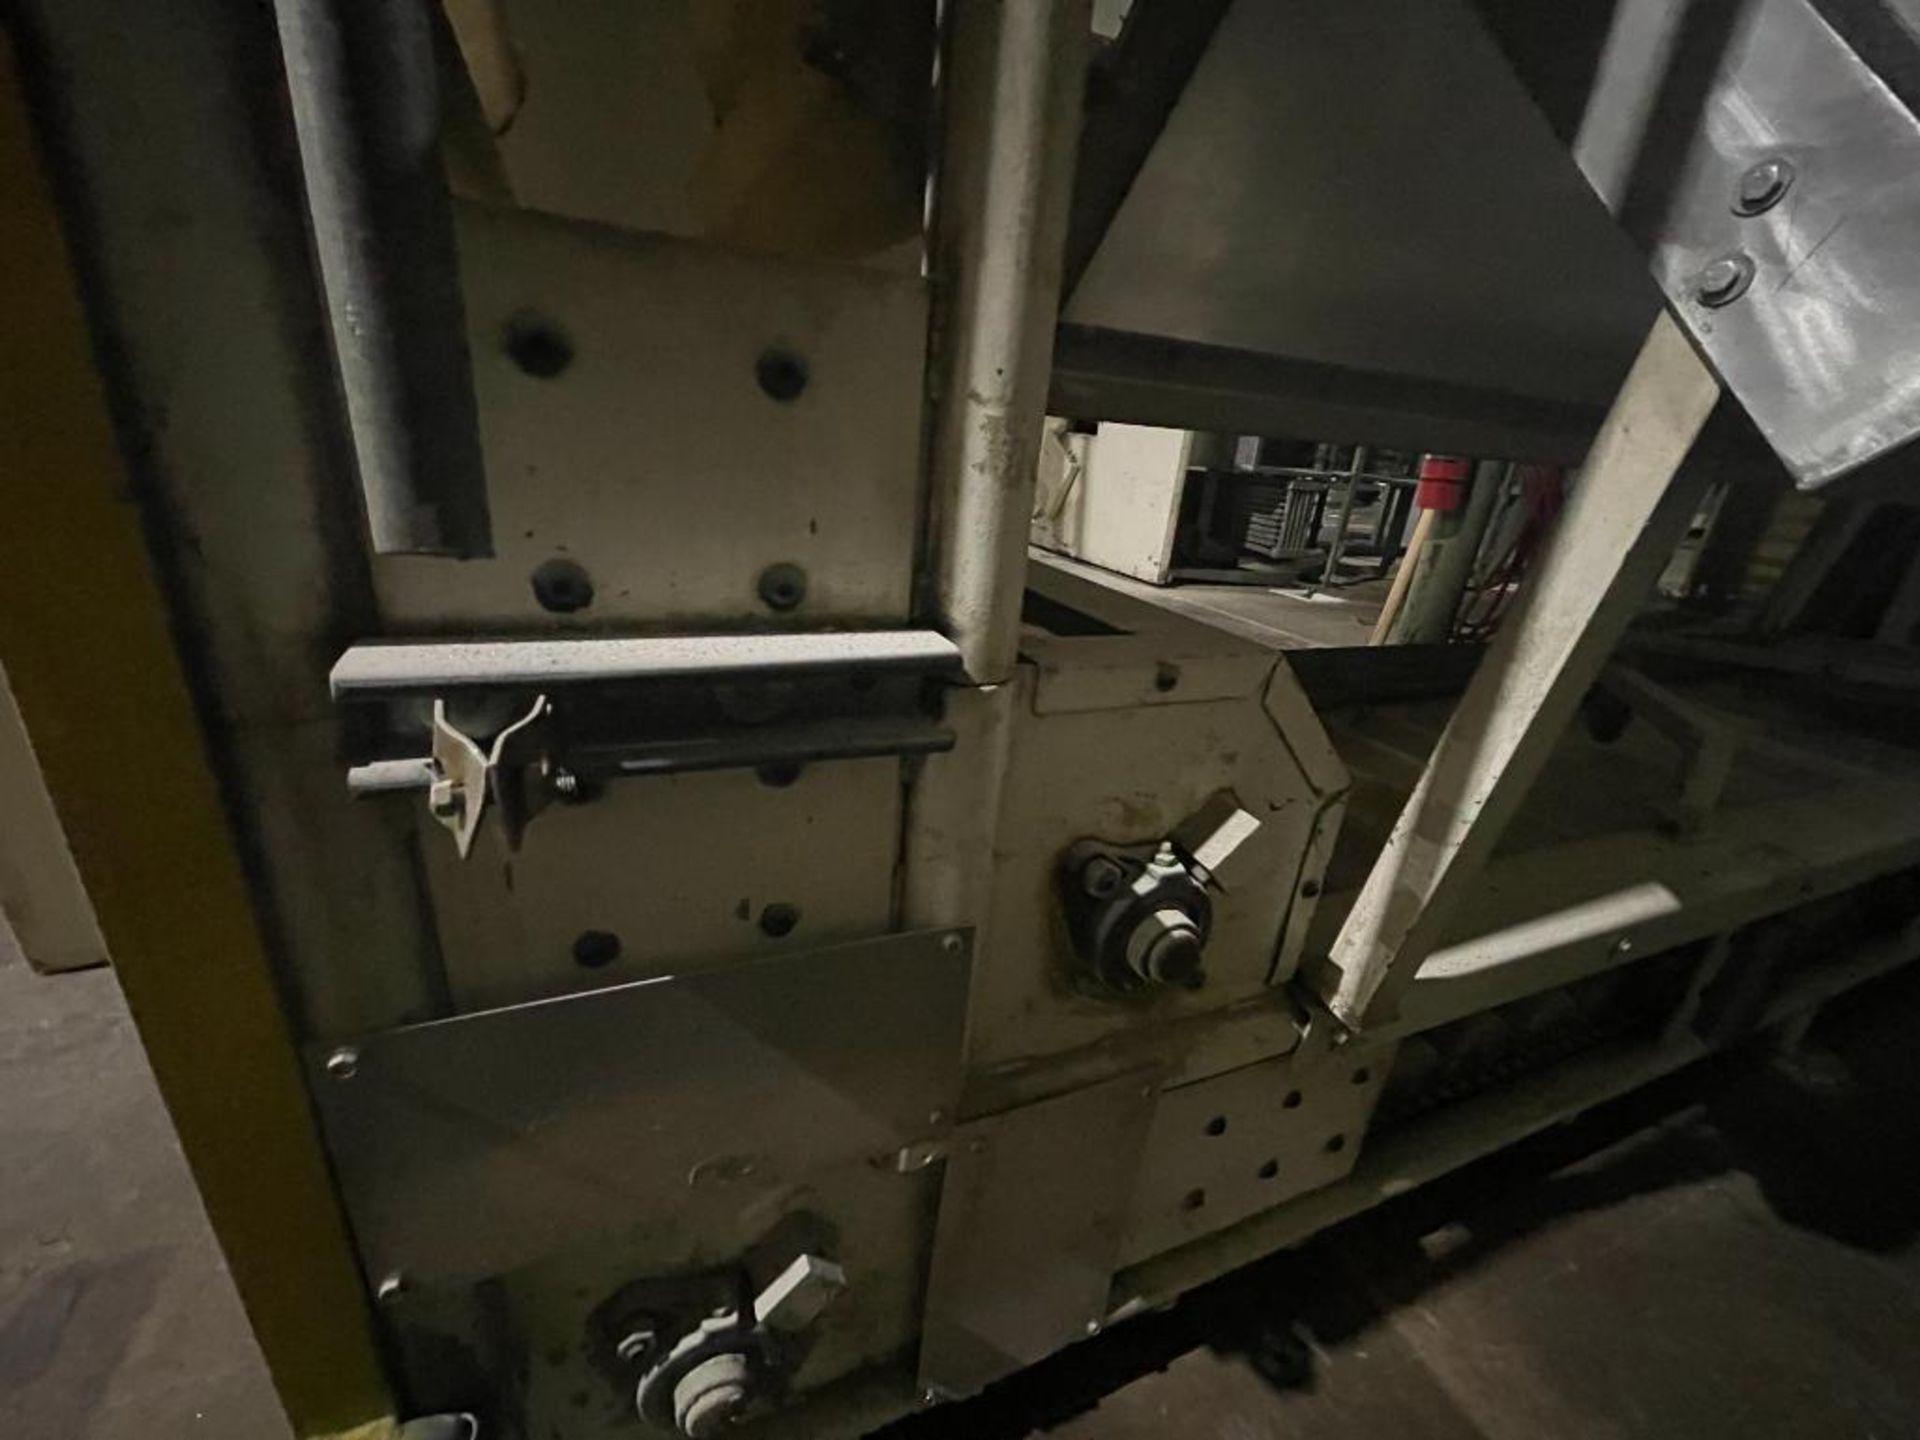 Aseeco overlapping bucket elevator - Image 11 of 14